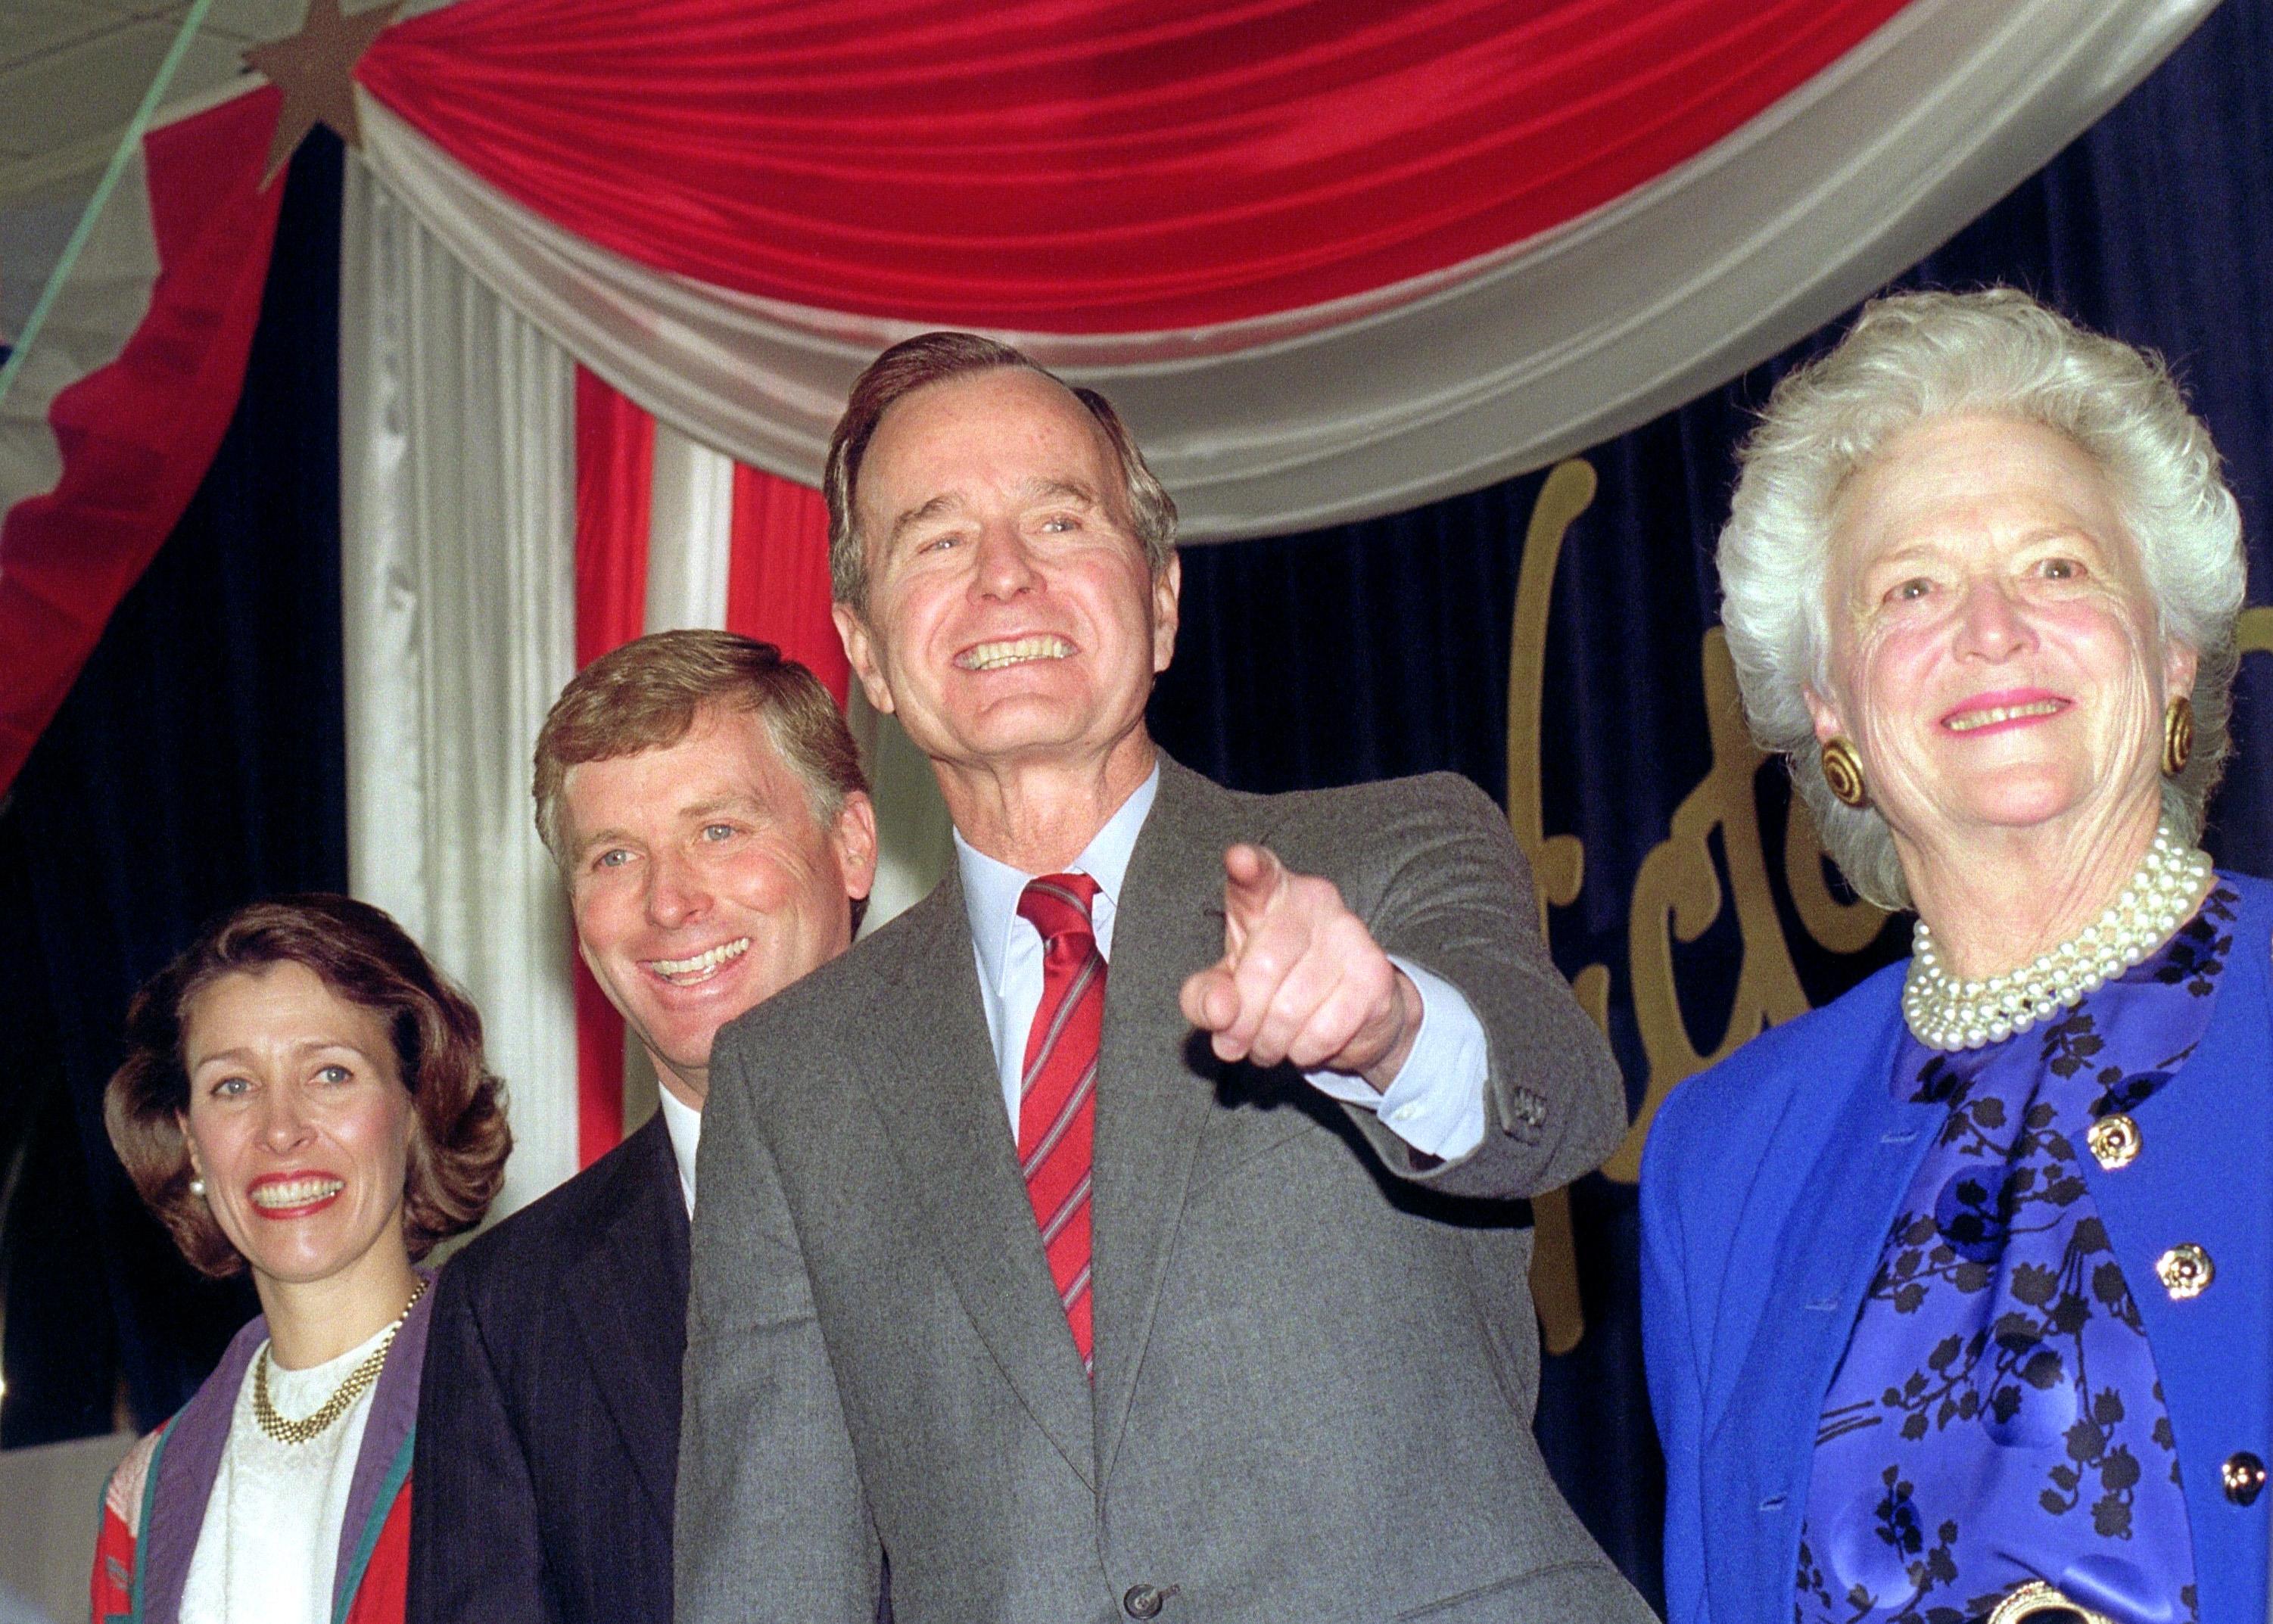 George H.W. Bush affair